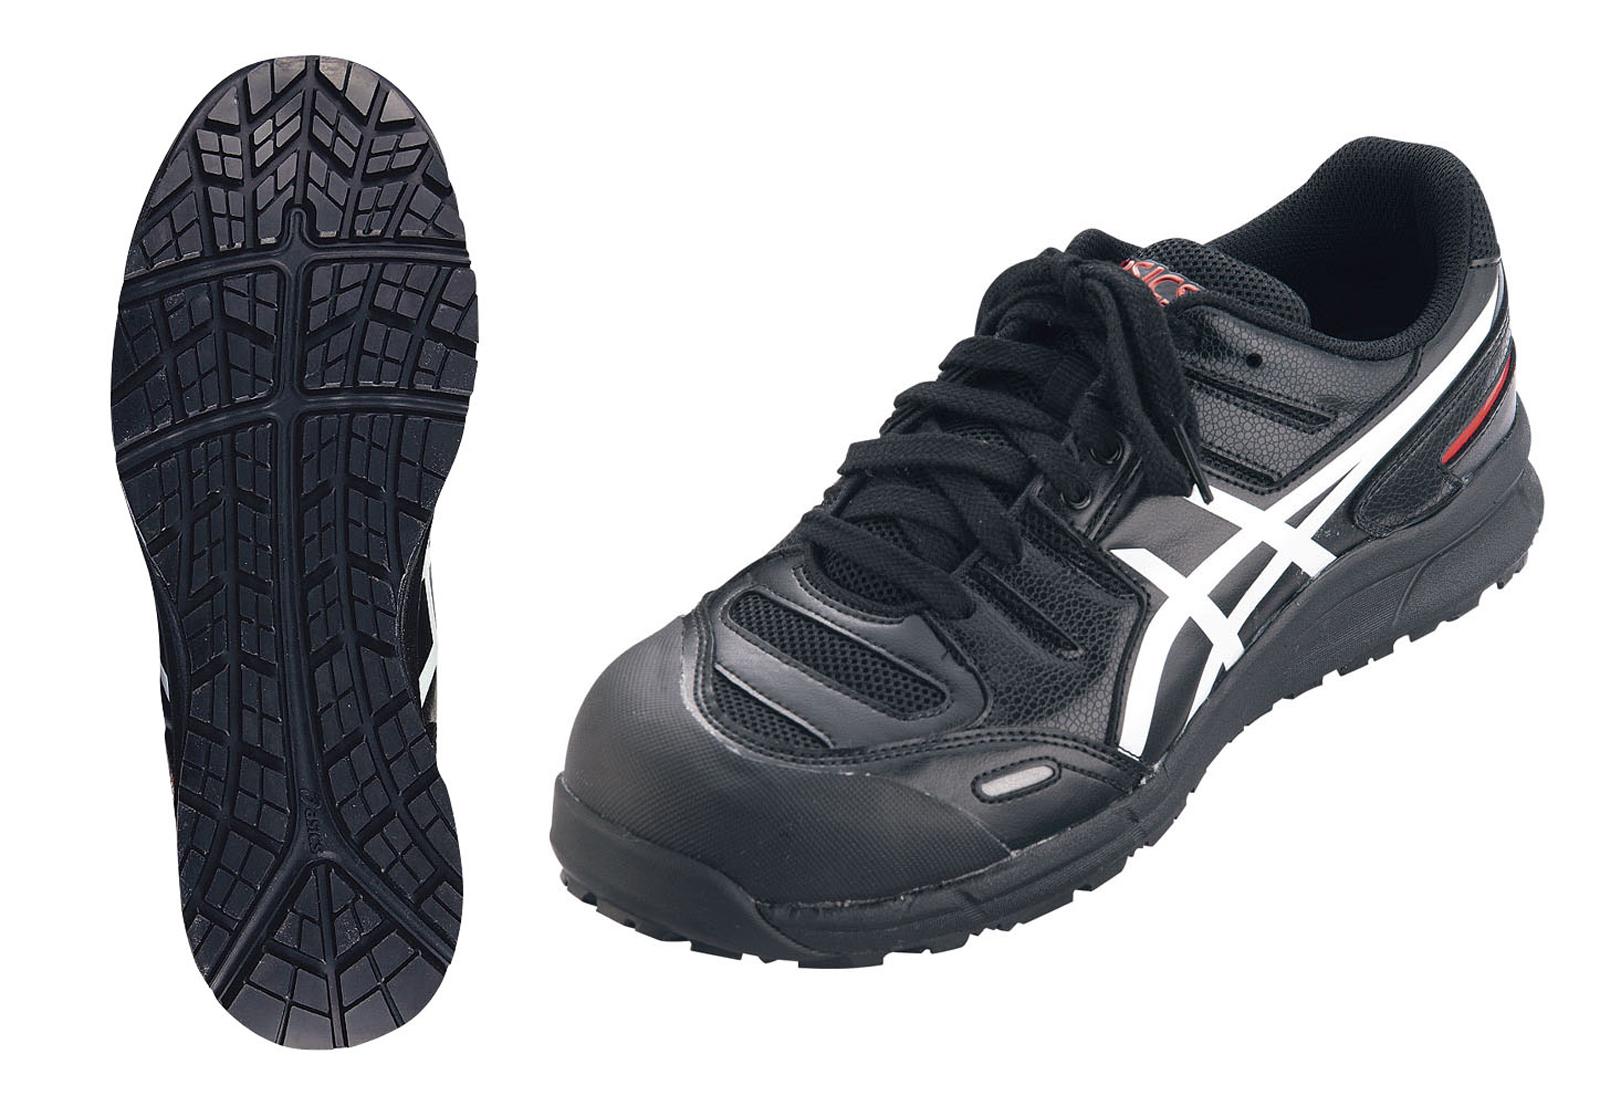 アシックス ウィンジョブ安全靴CP103 白衣 BK×ホワイト アシックス 24.5cm【厨房用品 長靴 6-1309-0802 白衣 靴 サンダル スリッパ 業務用 販売 通販】 [7-1369-0802 6-1309-0802 ], マシキマチ:ddffd18c --- officewill.xsrv.jp